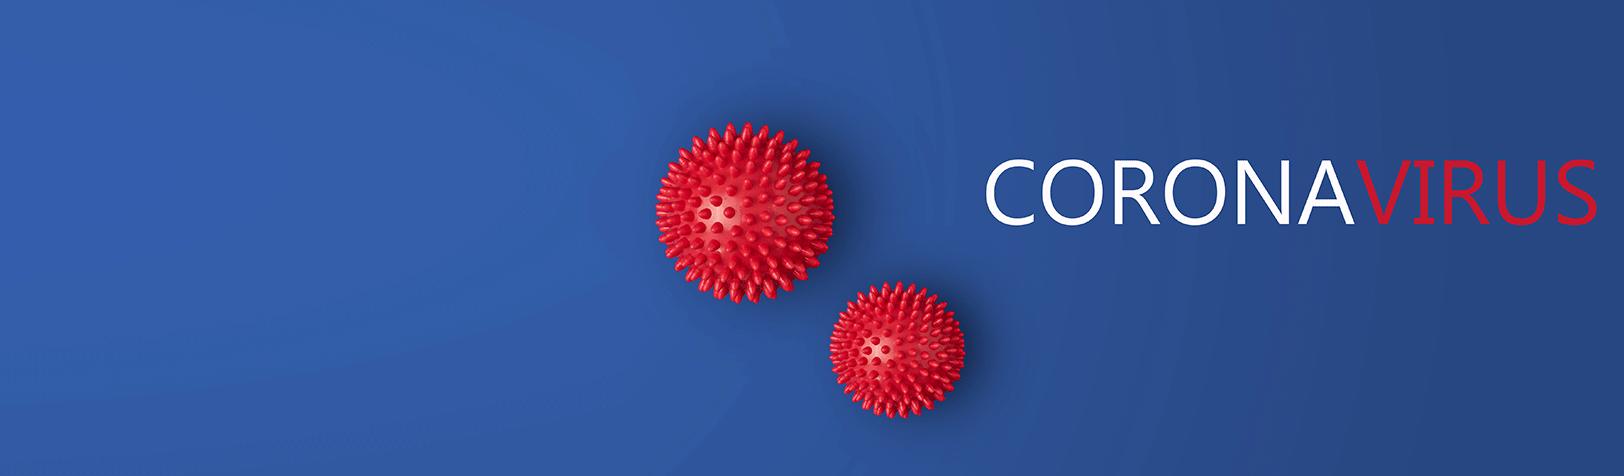 Coronavirus: déconfinement, mesures prises... Tout ce que vous devez savoir!